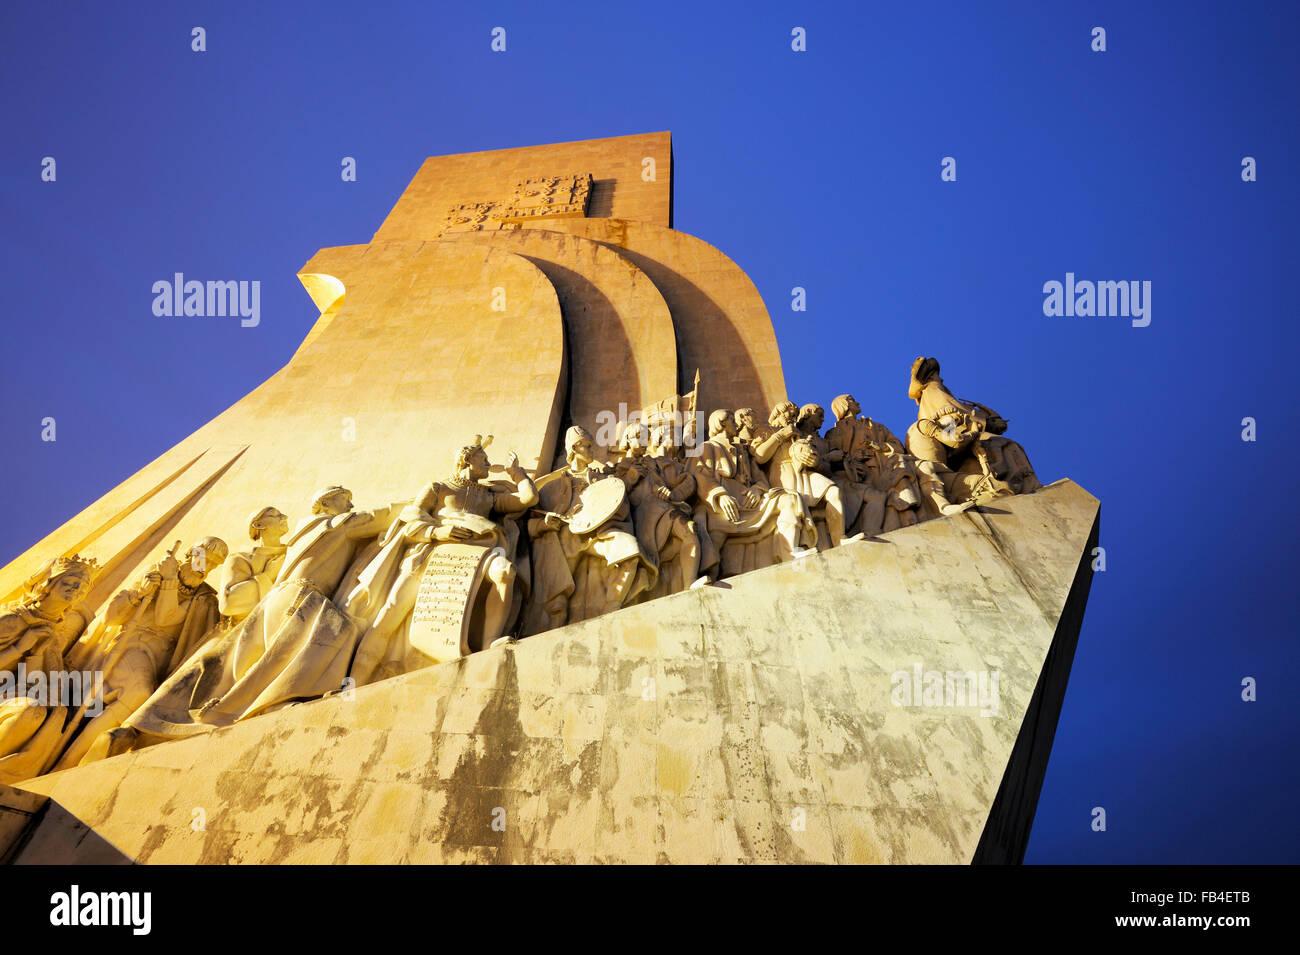 Padrao dos Descobrimentos (Monument to the Discoveries), Belem, Lisboa, Estremadura, Portugal - Stock Image